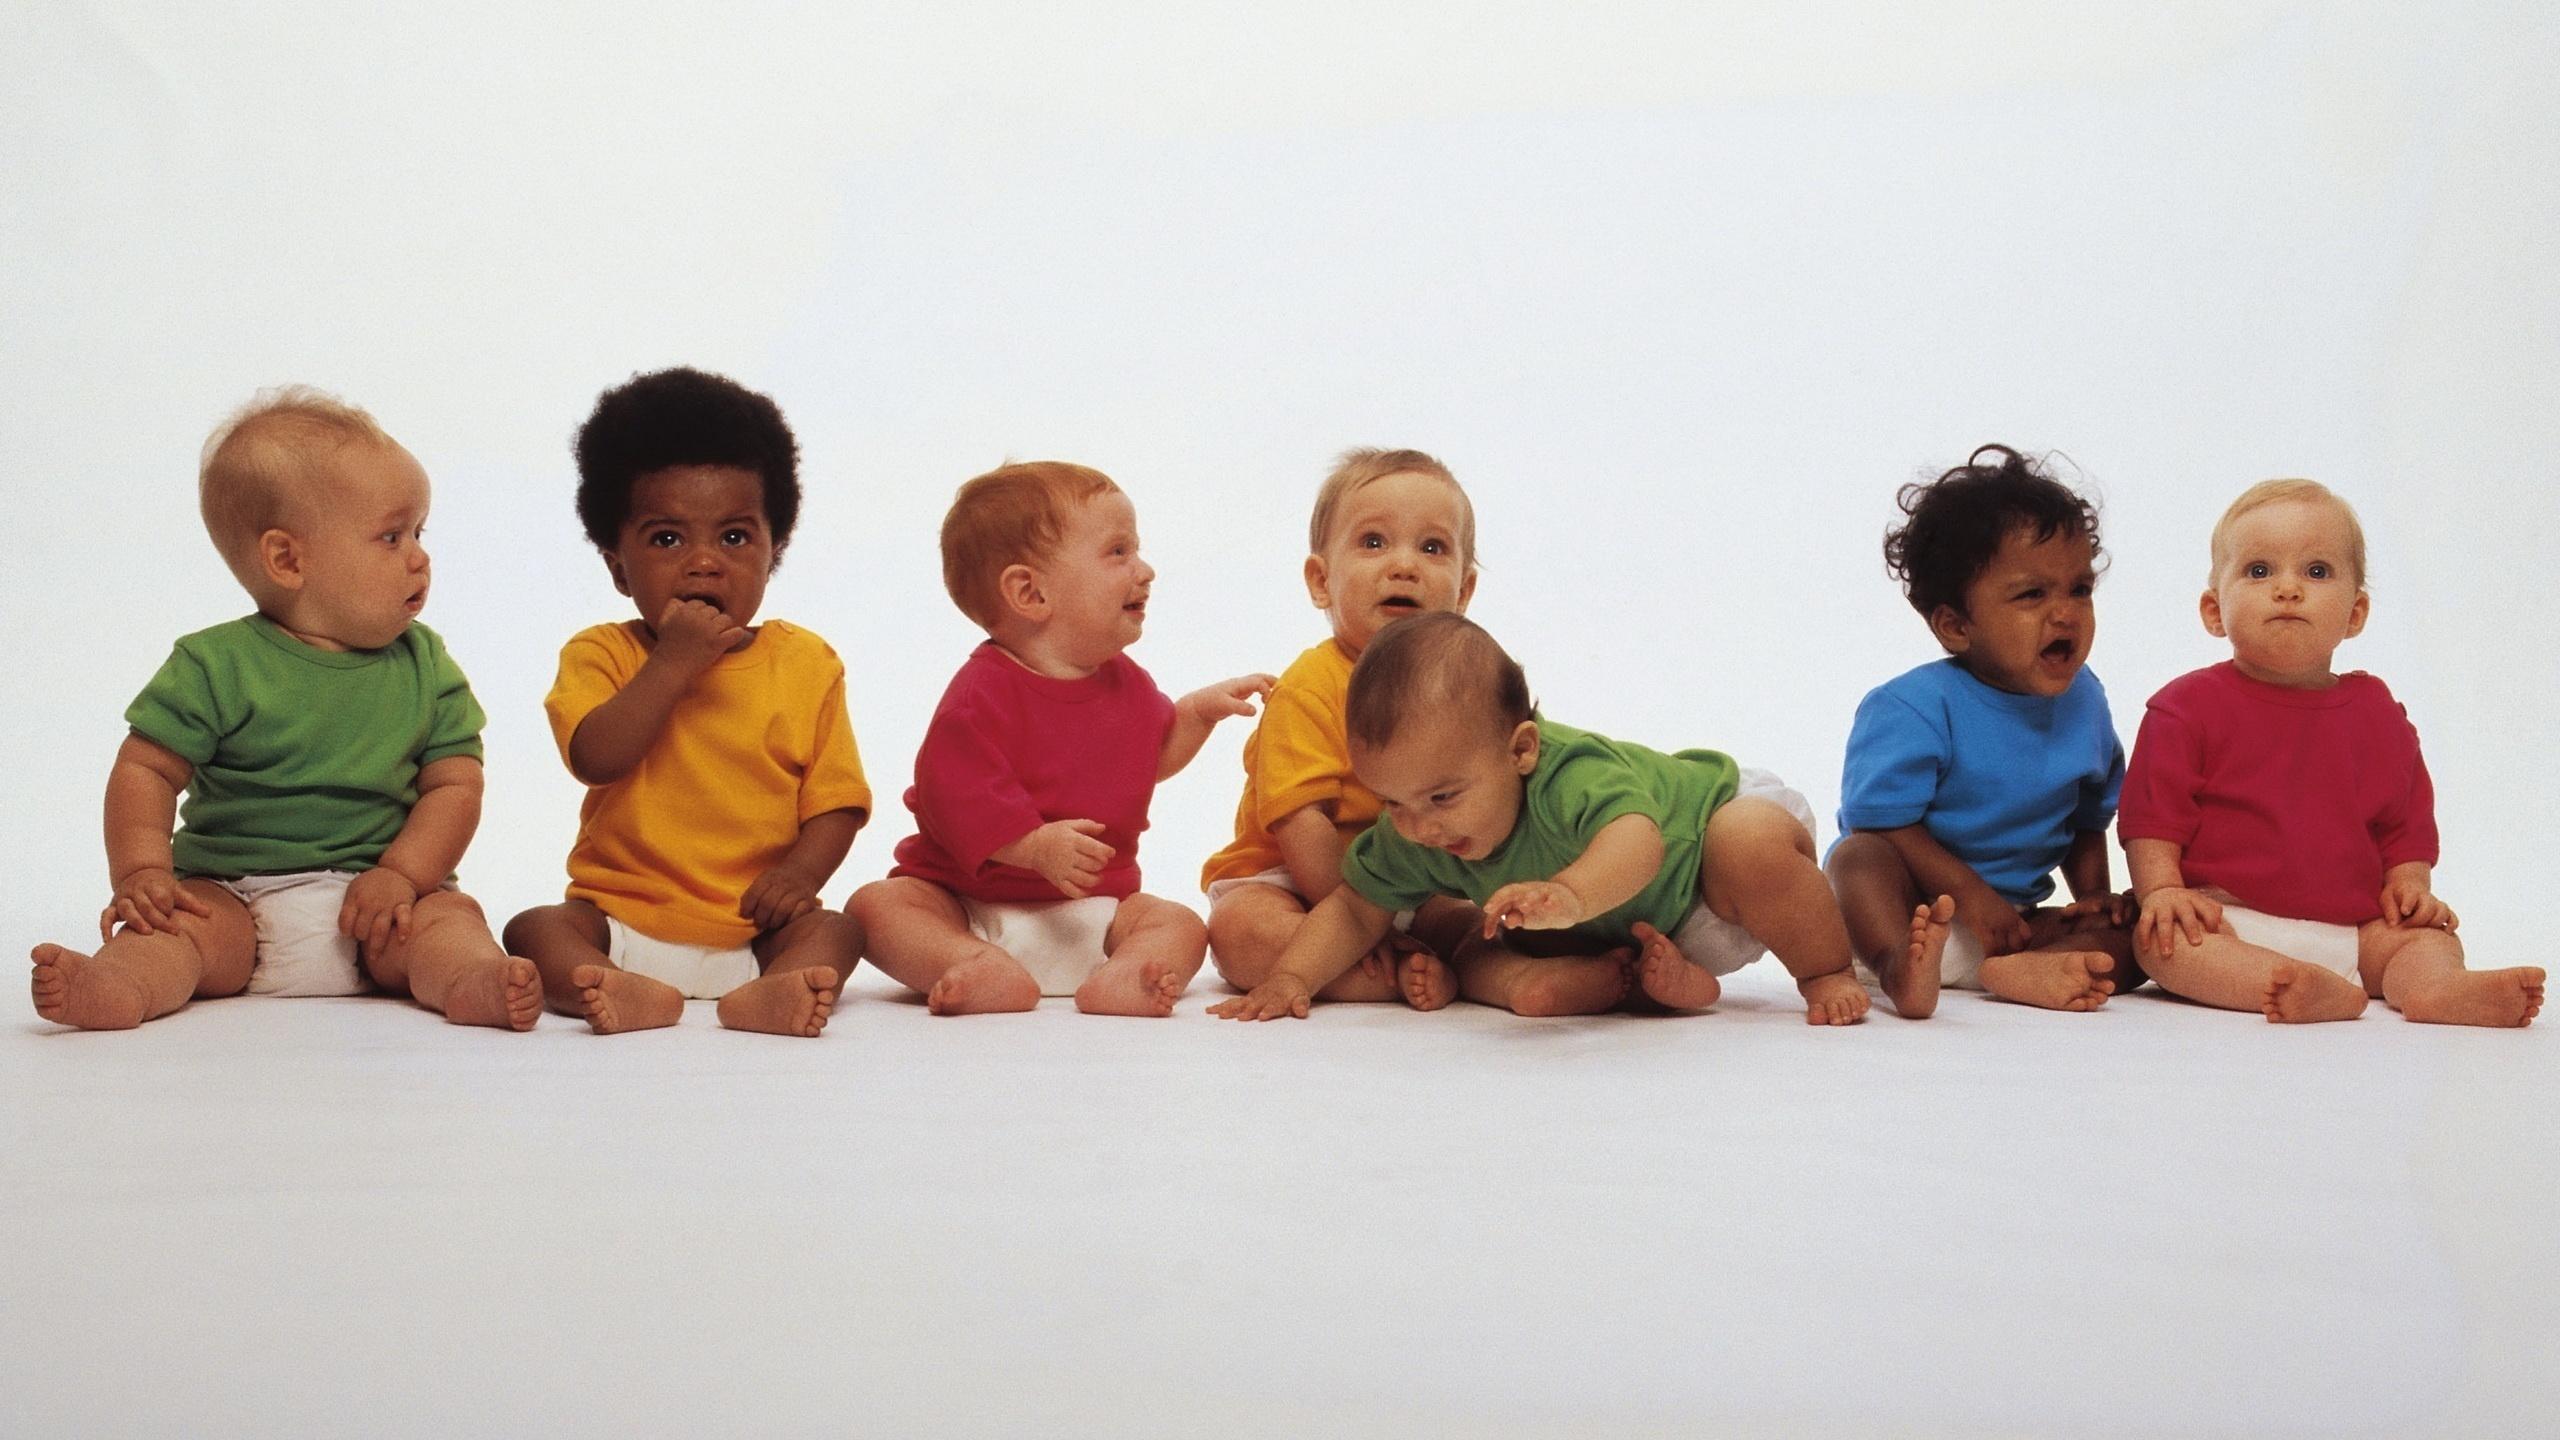 Дети разных возрастов на одном фото